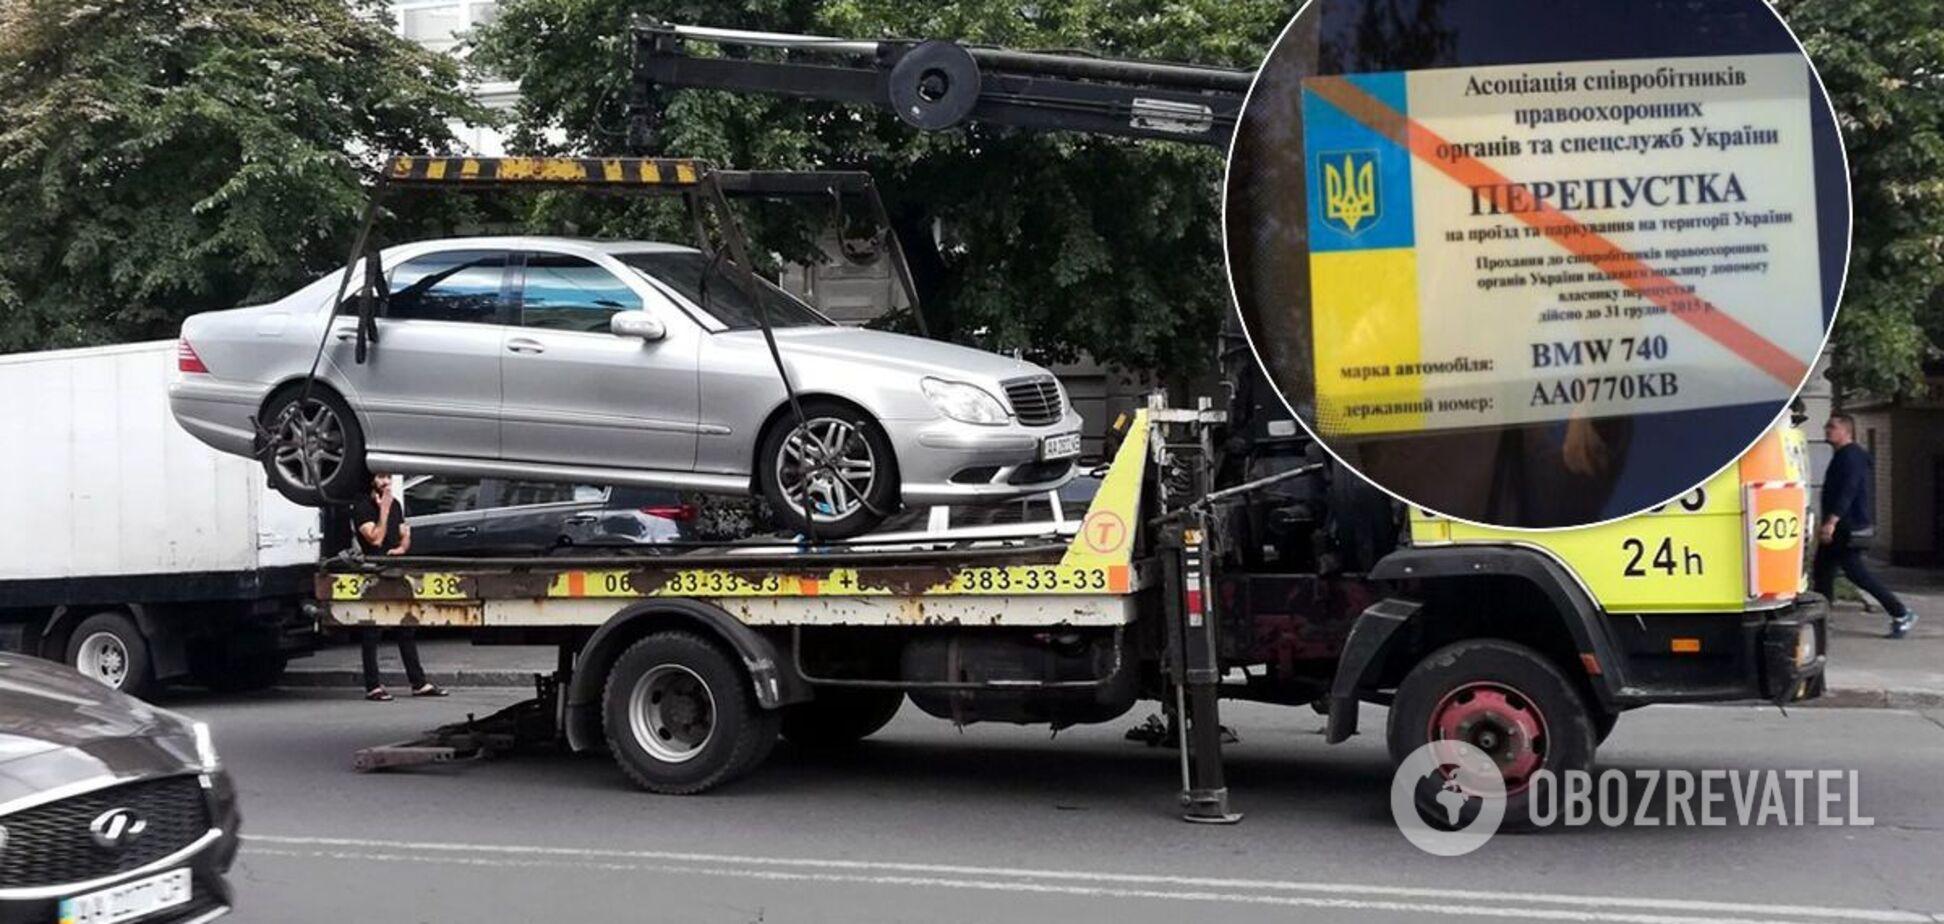 Липовий дозвіл на паркування не врятував українця від евакуації авто